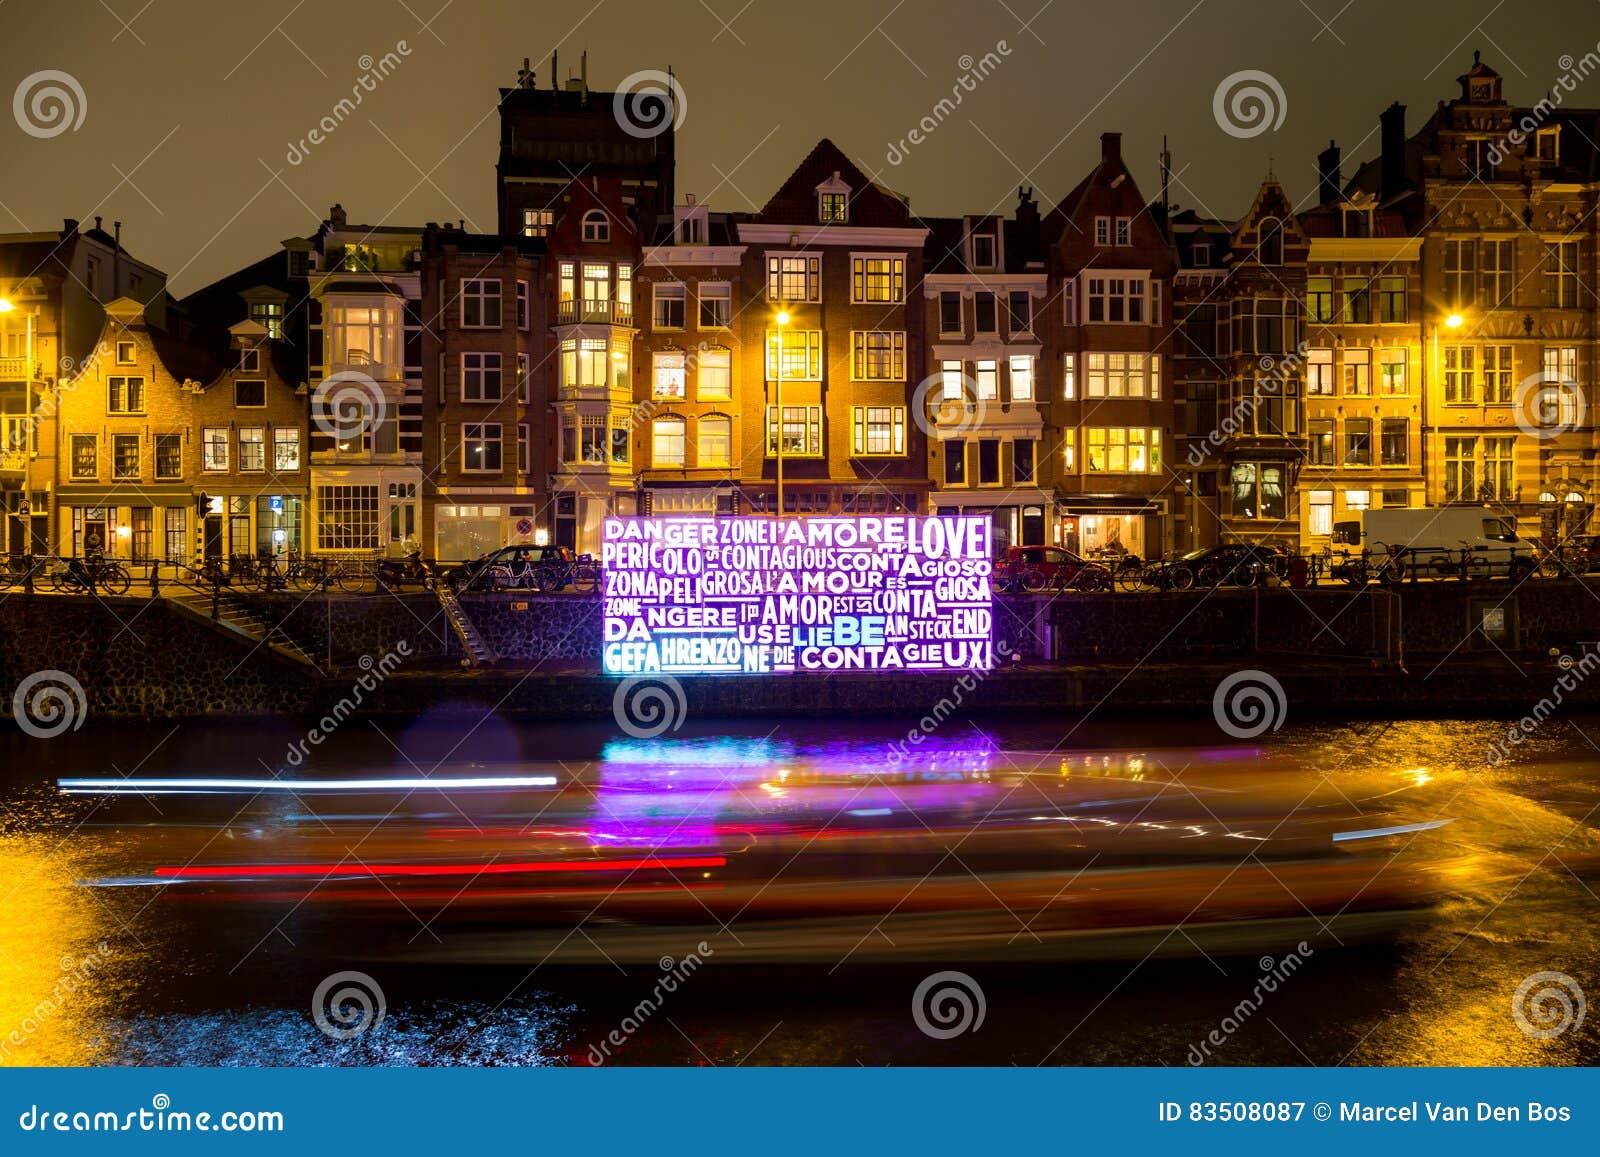 Licht Tour Amsterdam : Amsterdam licht festival zusammen redaktionelles